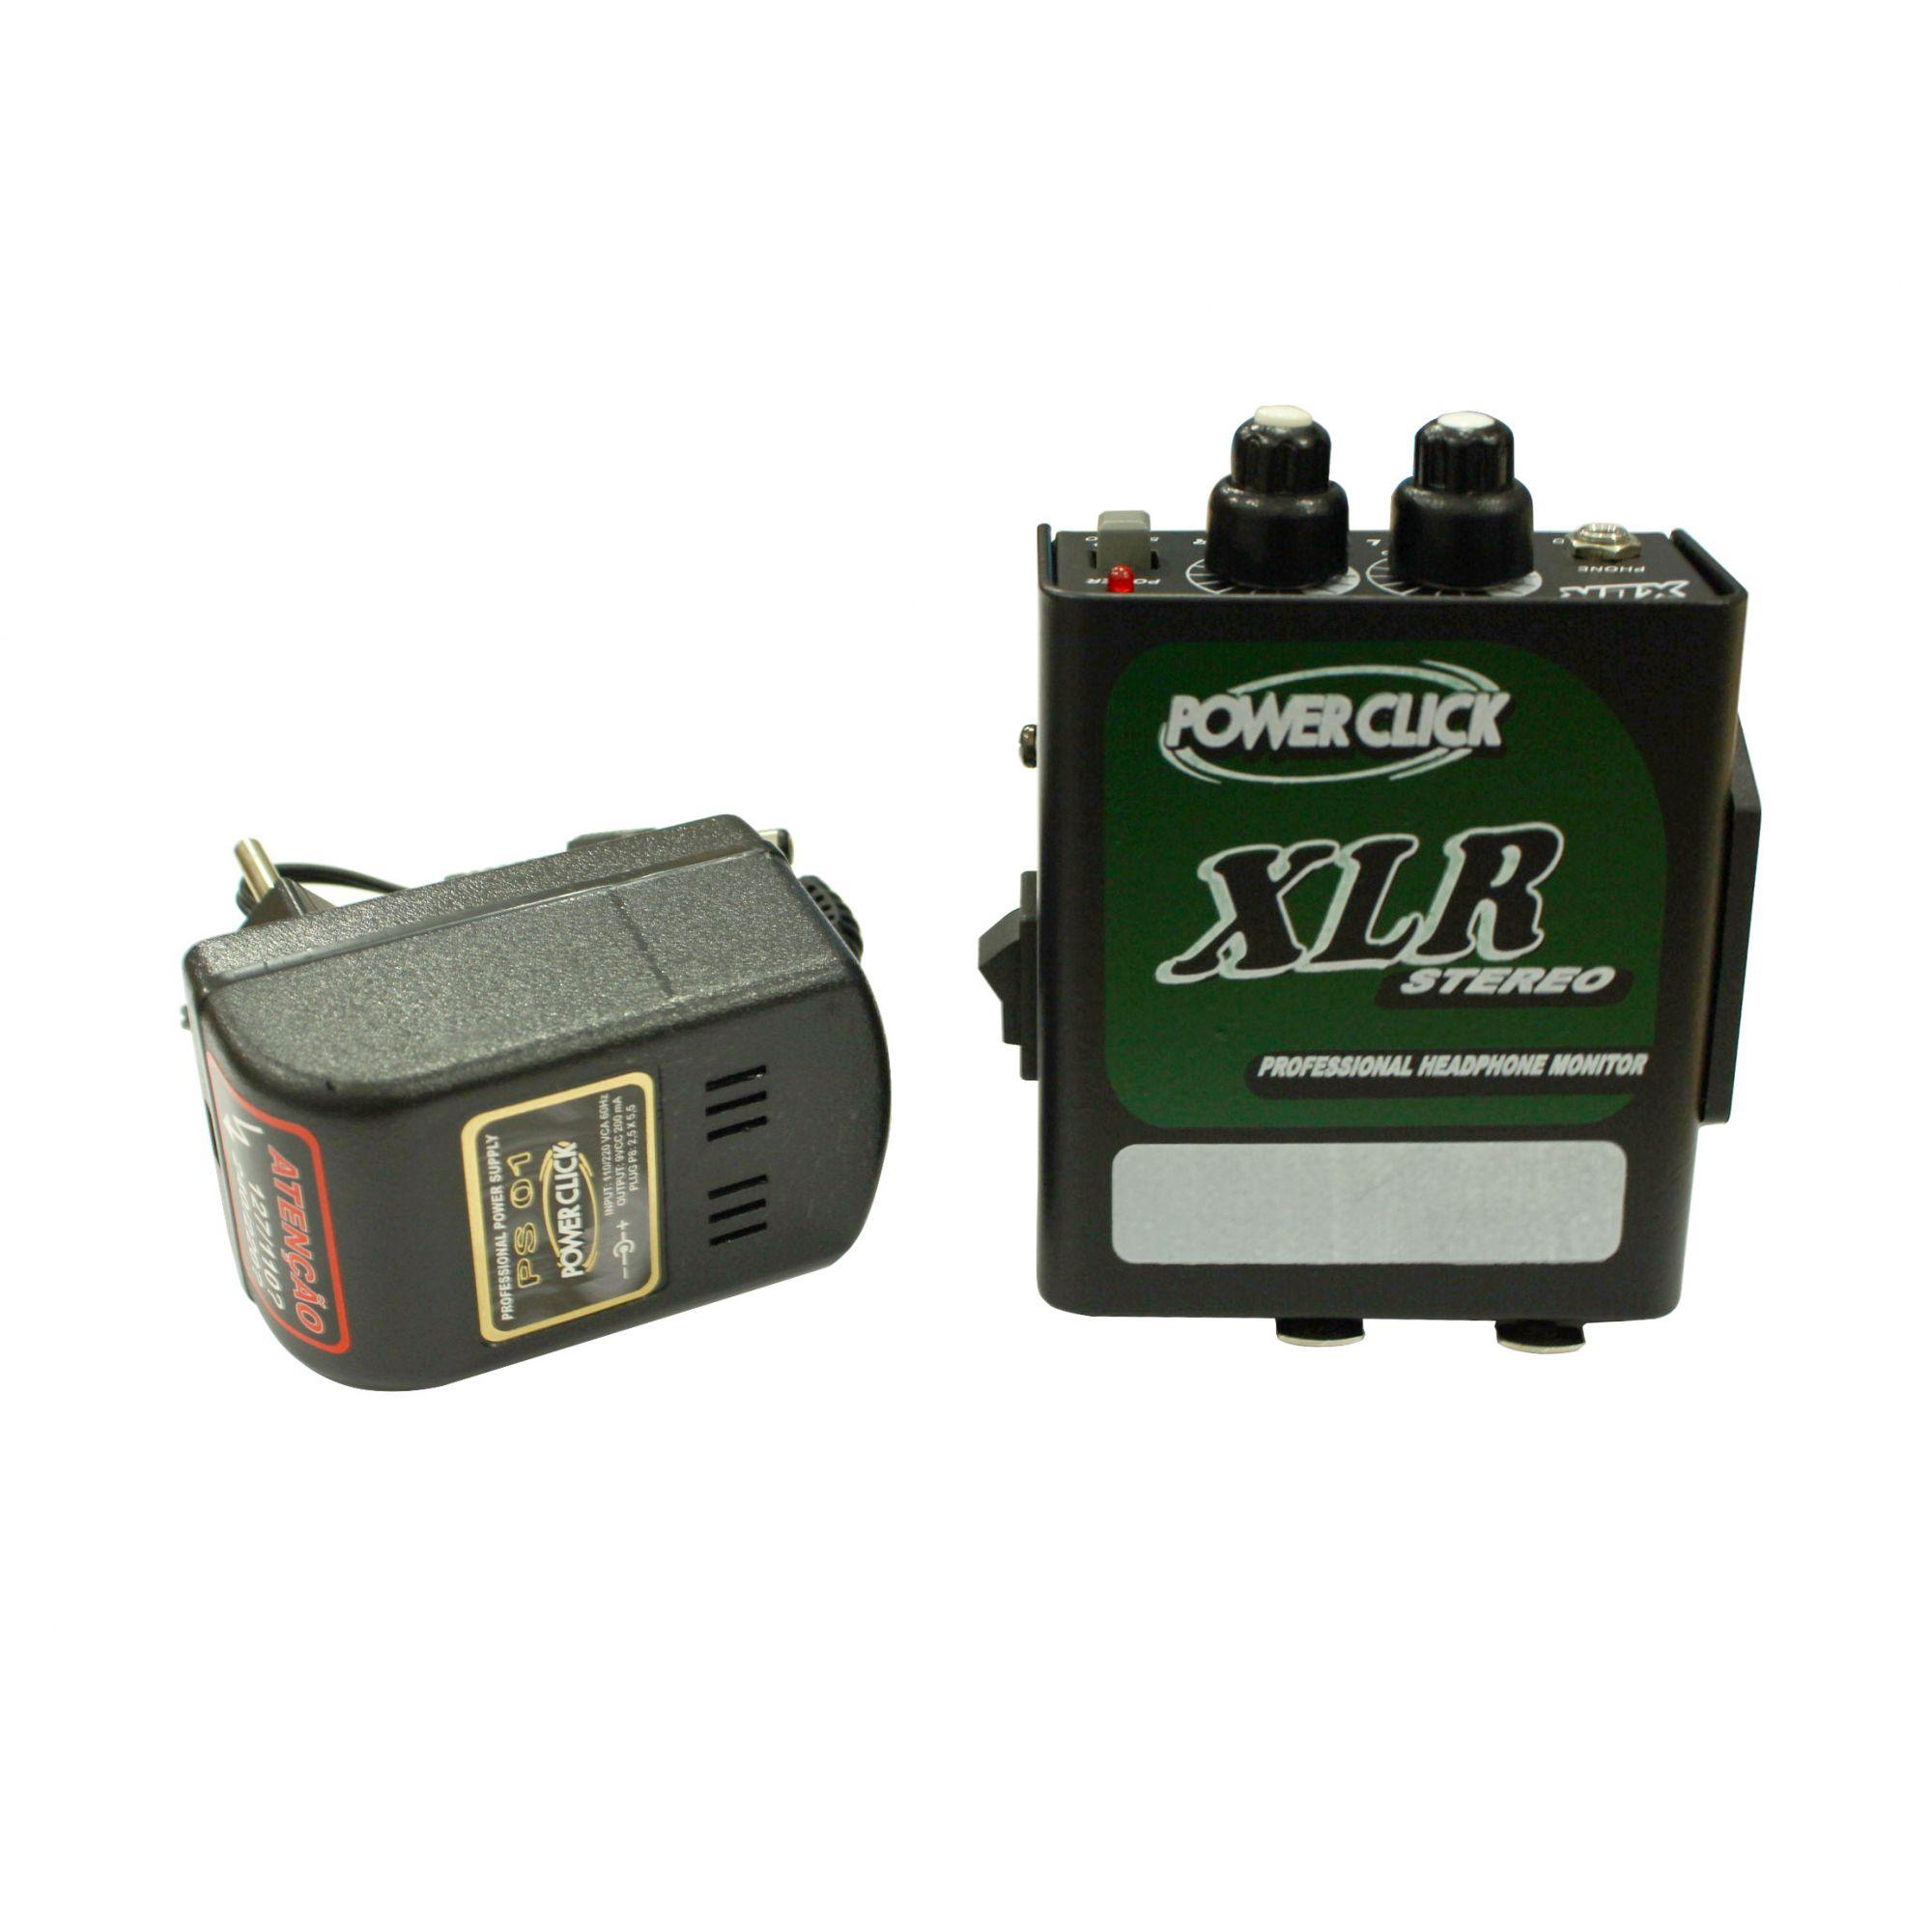 Amplificador de Fone estéreo de 2 canais e conexão XLR | Bateria 9v ou Fonte | Power Click | XLR S